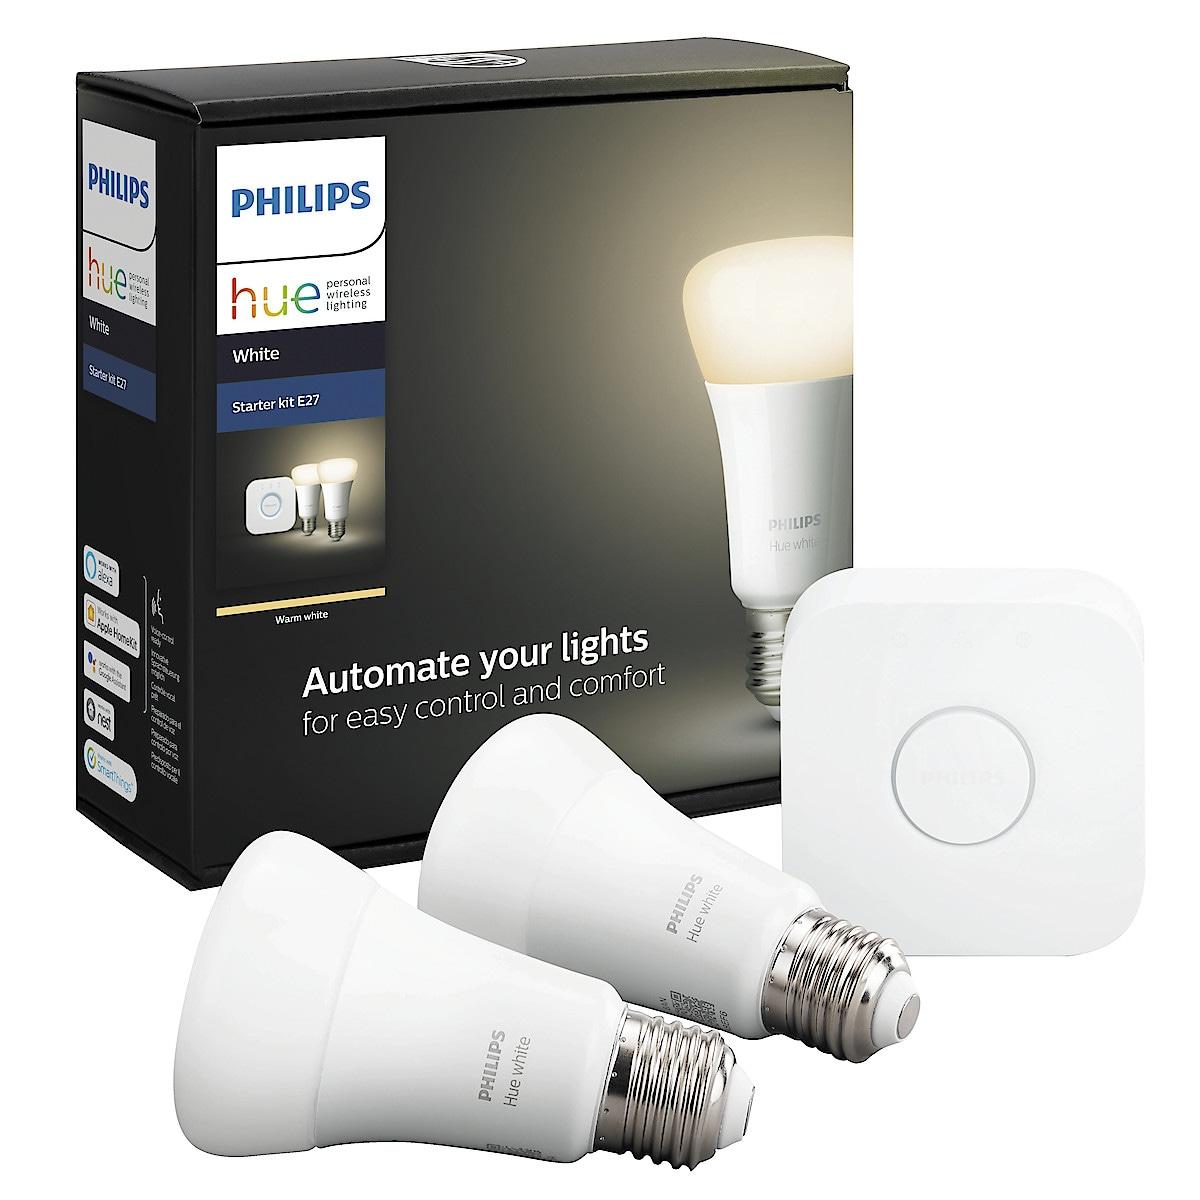 Philips Hue White Startpaket E27, Bluetooth